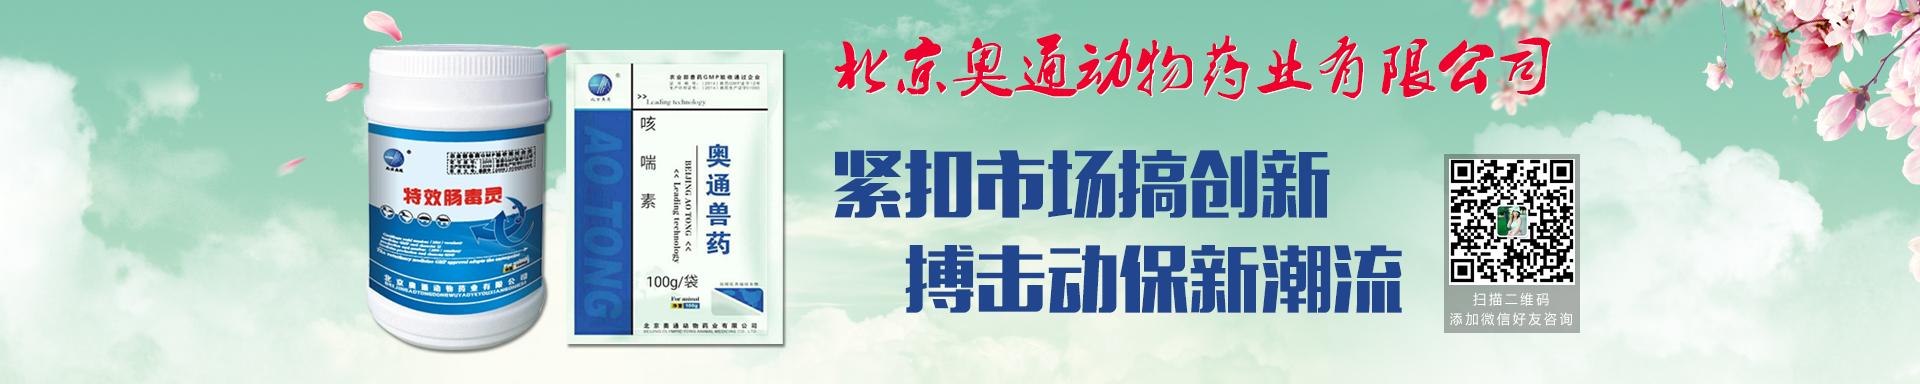 北京奥通动物药业有限公司